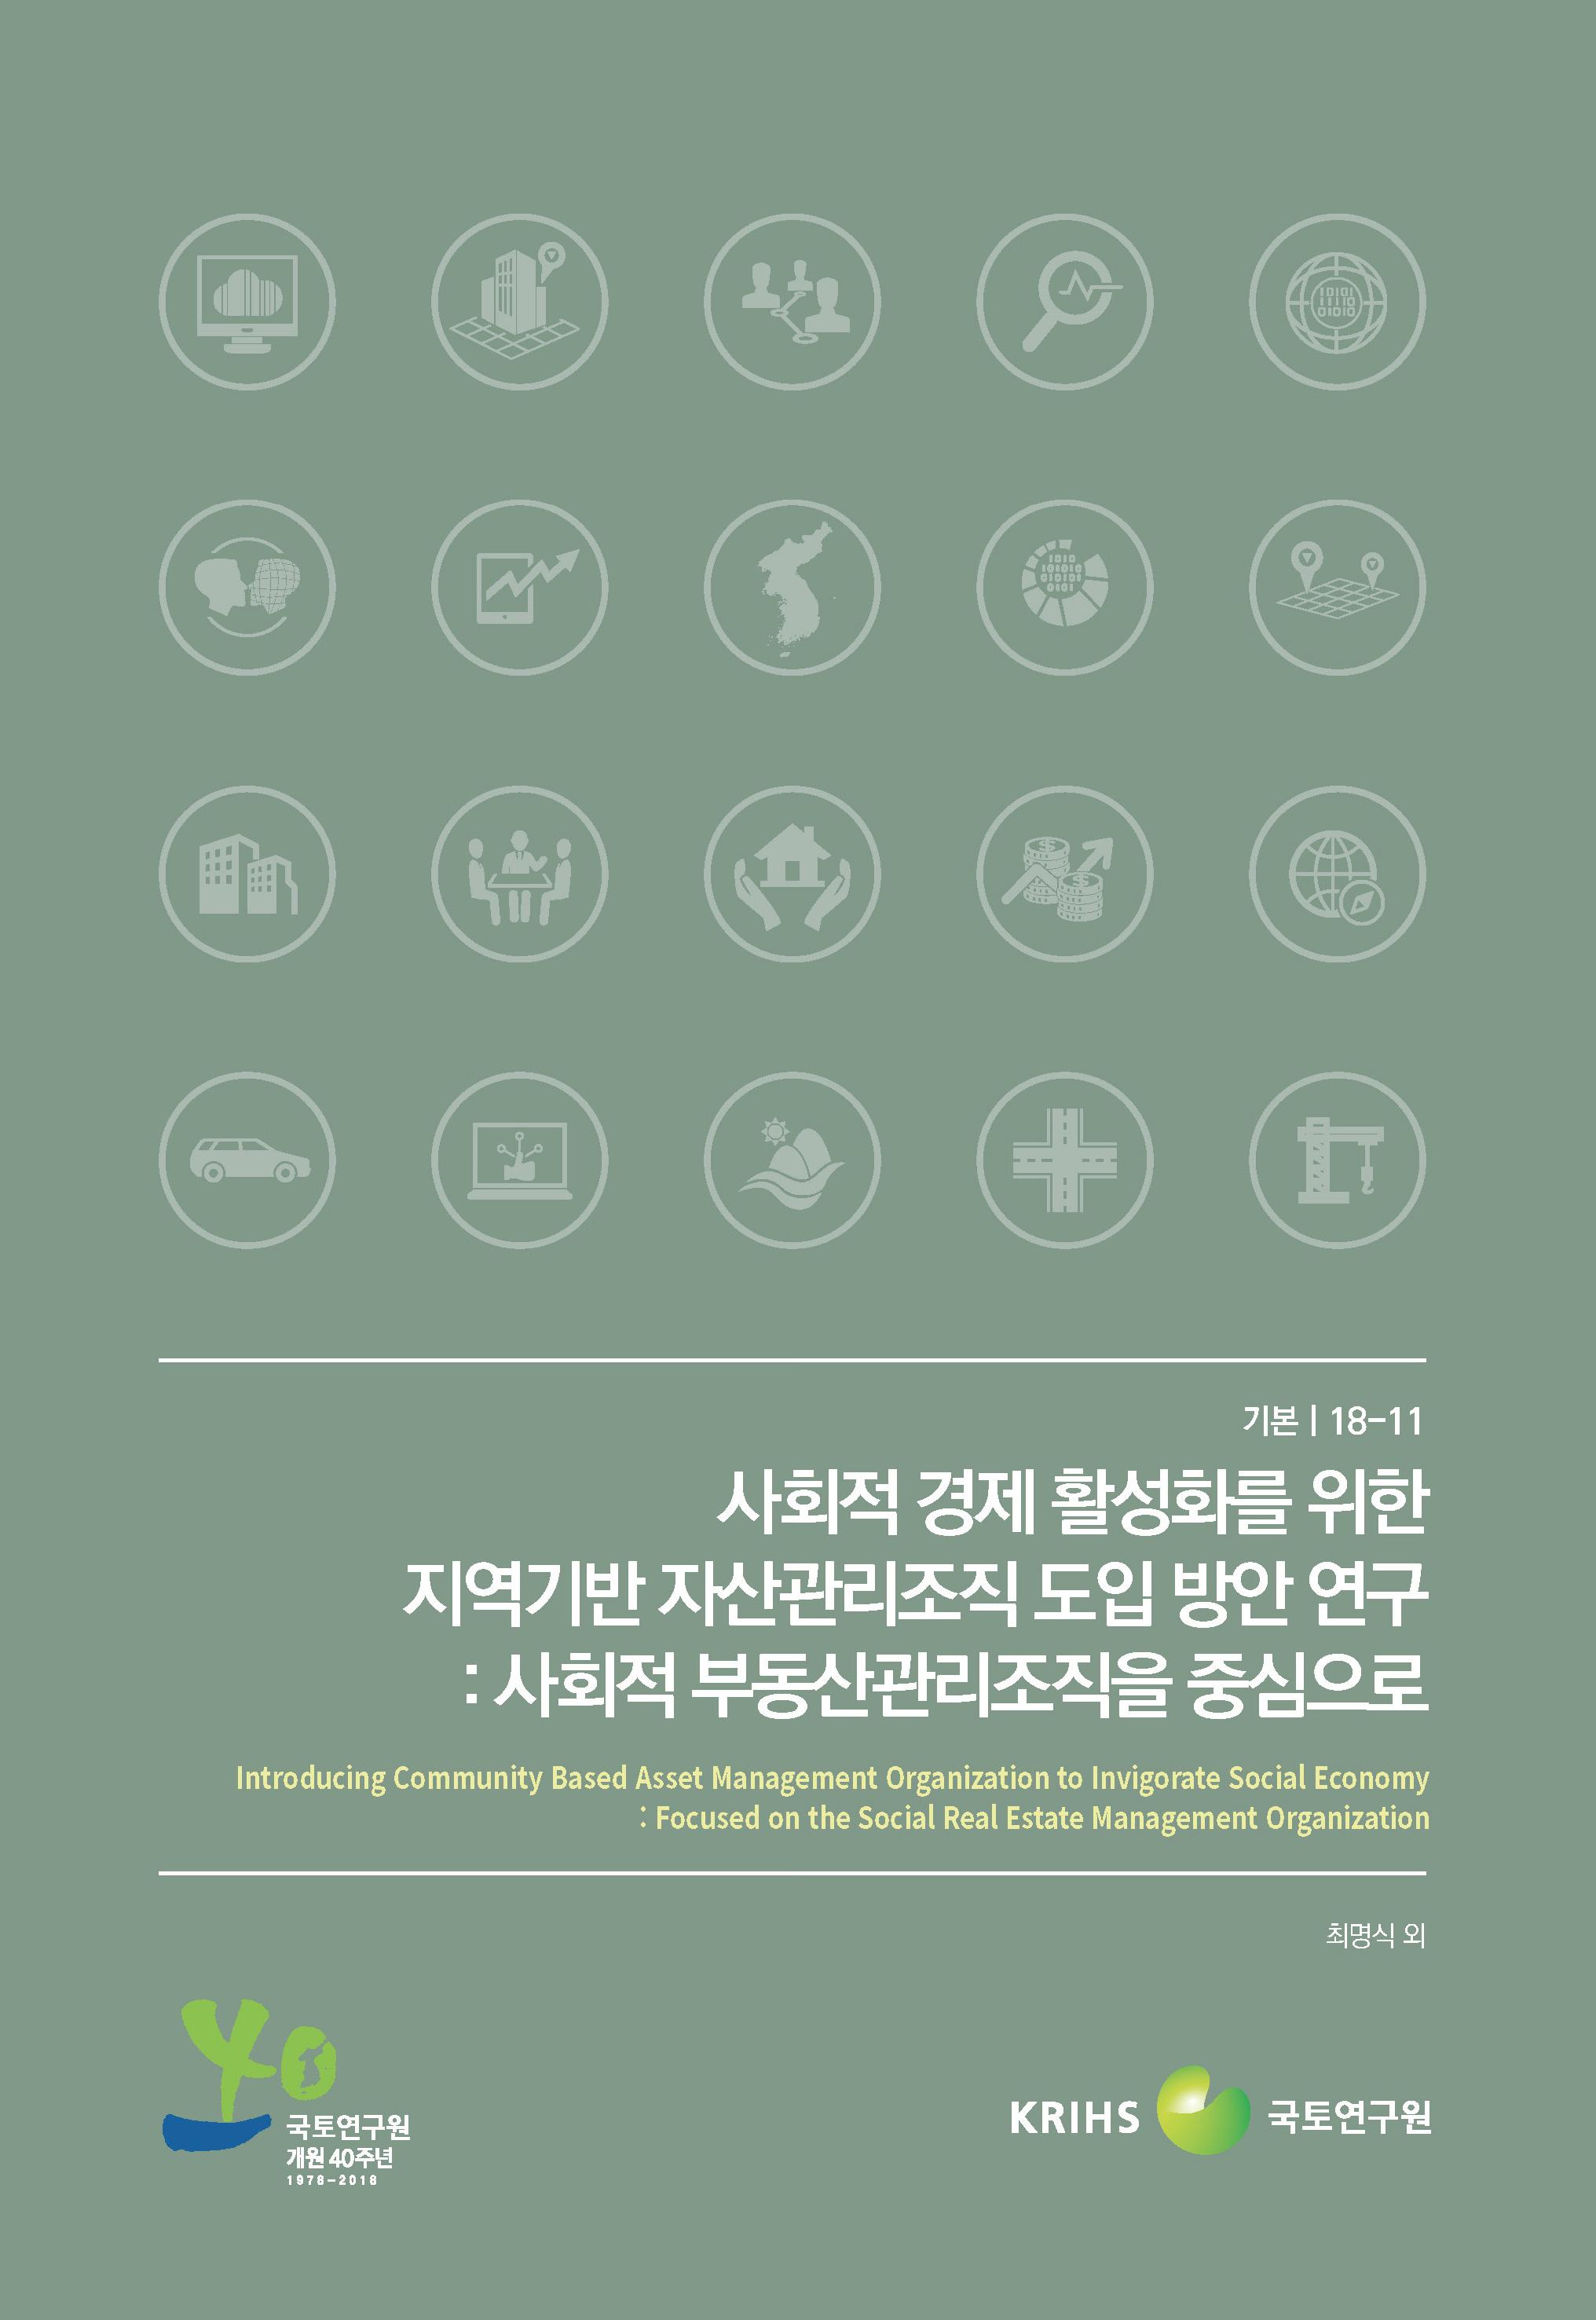 사회적 경제 활성화를 위한 지역기반 자산관리조직 도입방안 연구: 사회적 부동산관리조직을 중심으로